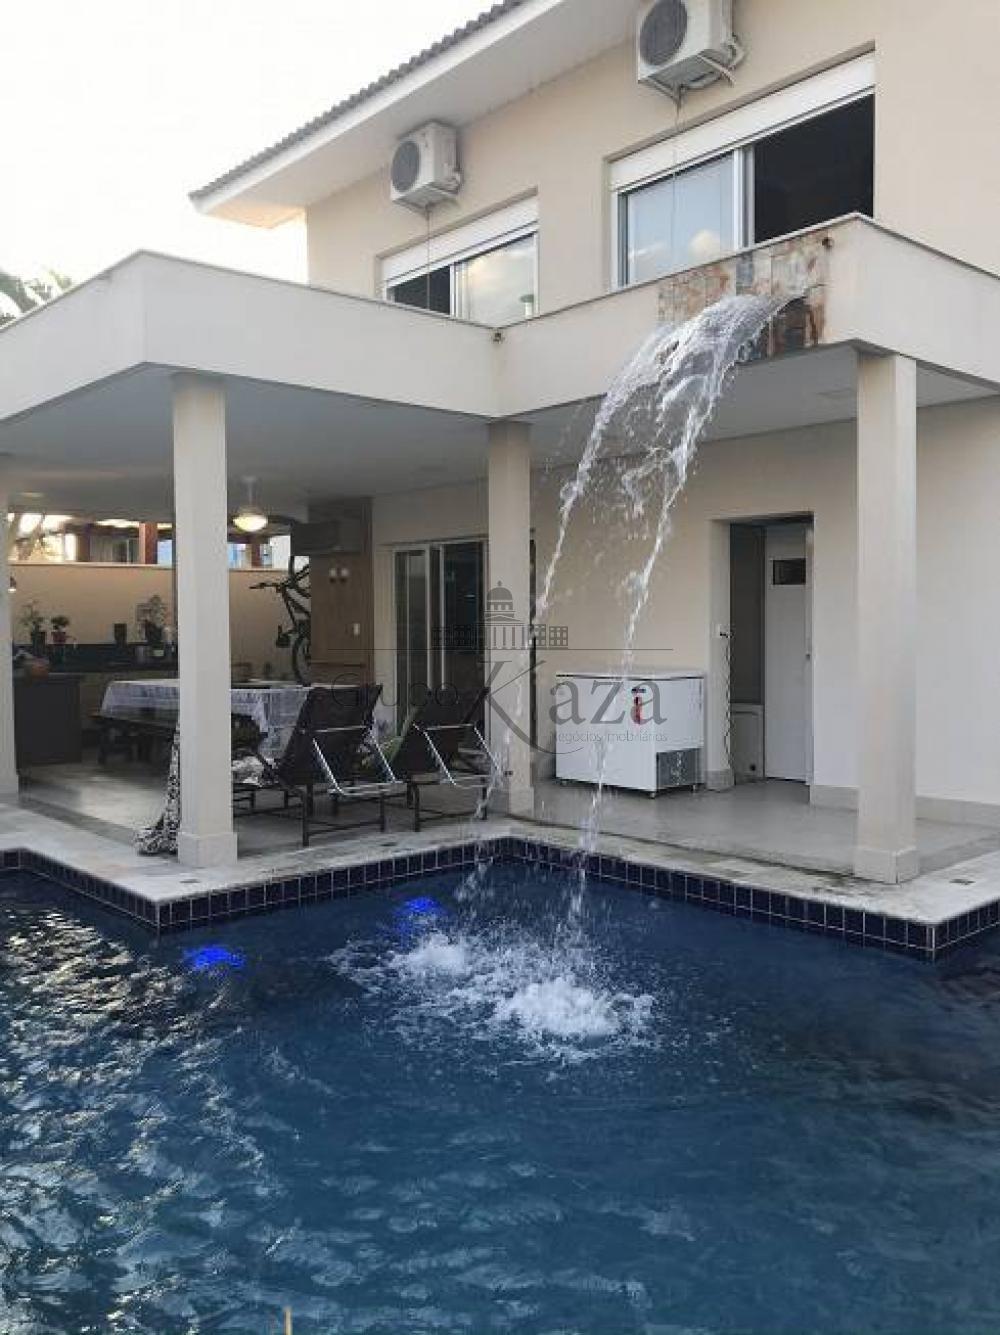 Sao Jose dos Campos Casa Venda R$2.300.000,00 Condominio R$650,00 4 Dormitorios 1 Suite Area do terreno 466.00m2 Area construida 411.00m2